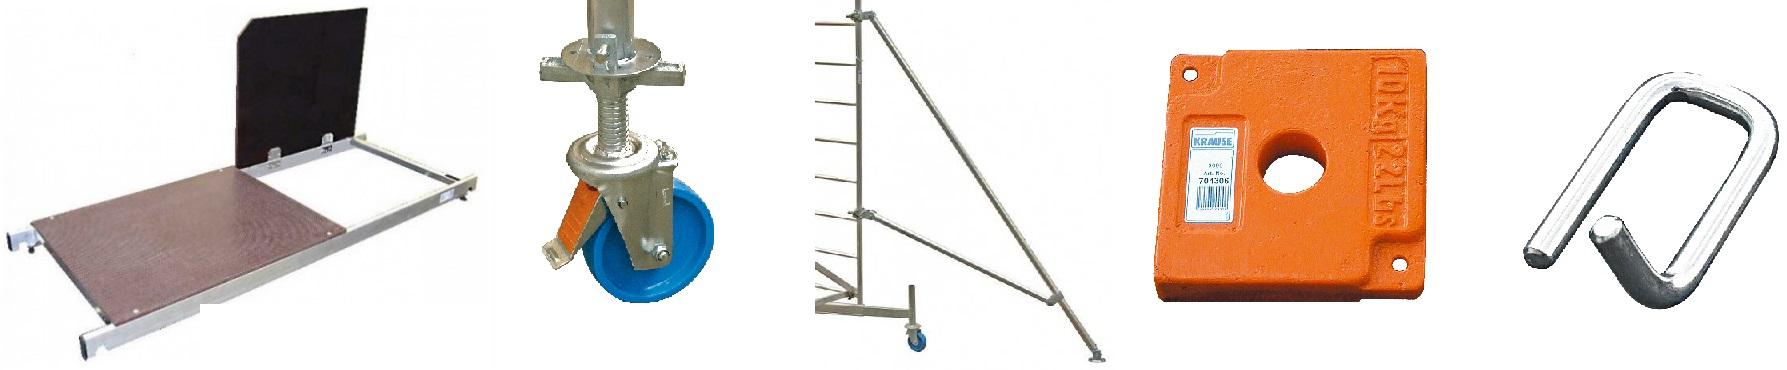 Скеле от алуминий допълнителни аксесоари и резервни части Krause